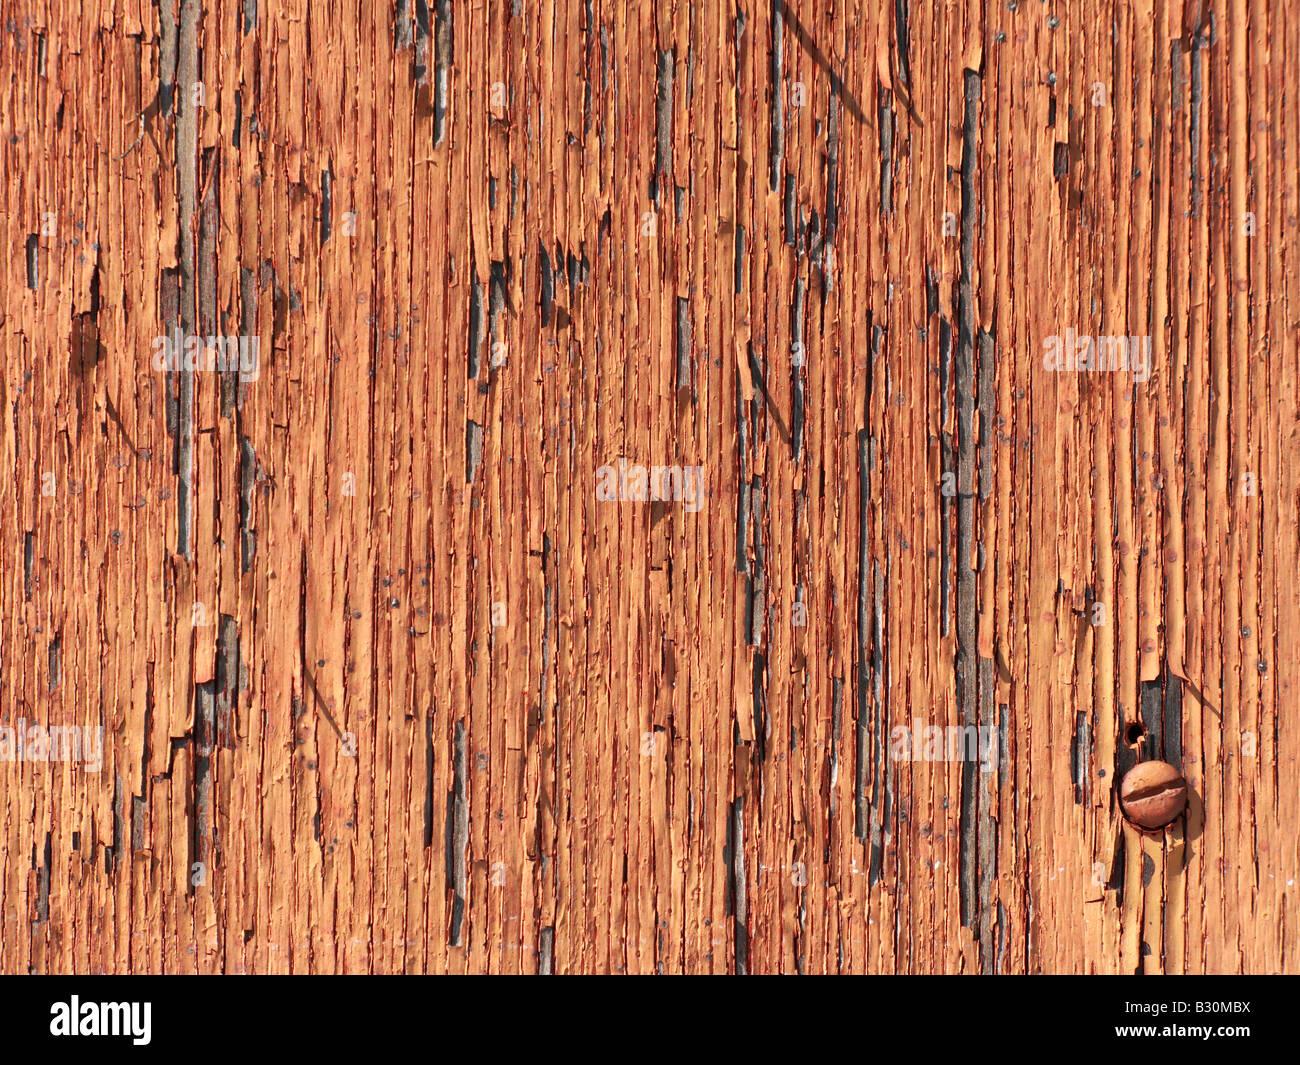 Resumen Antecedentes La textura de la superficie de cierre Imagen De Stock